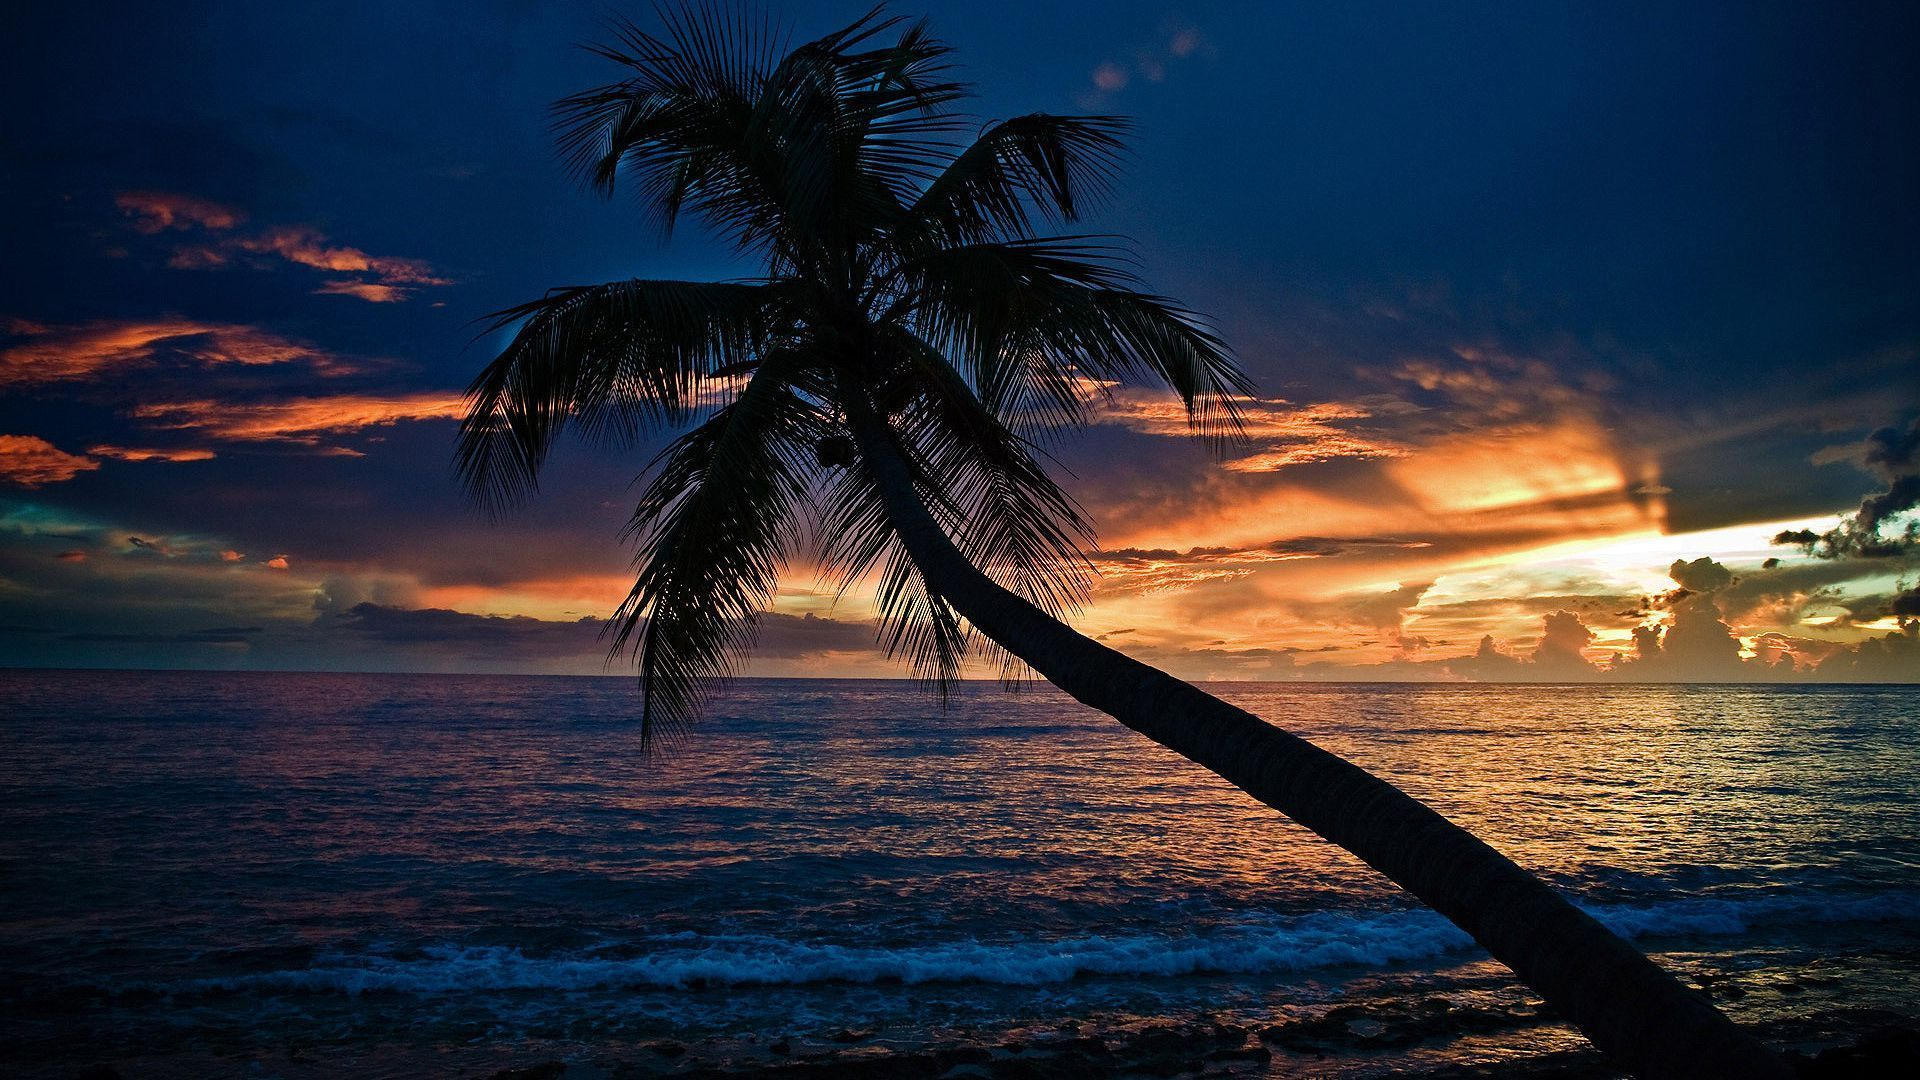 Permalink to Evening Beach Wallpaper